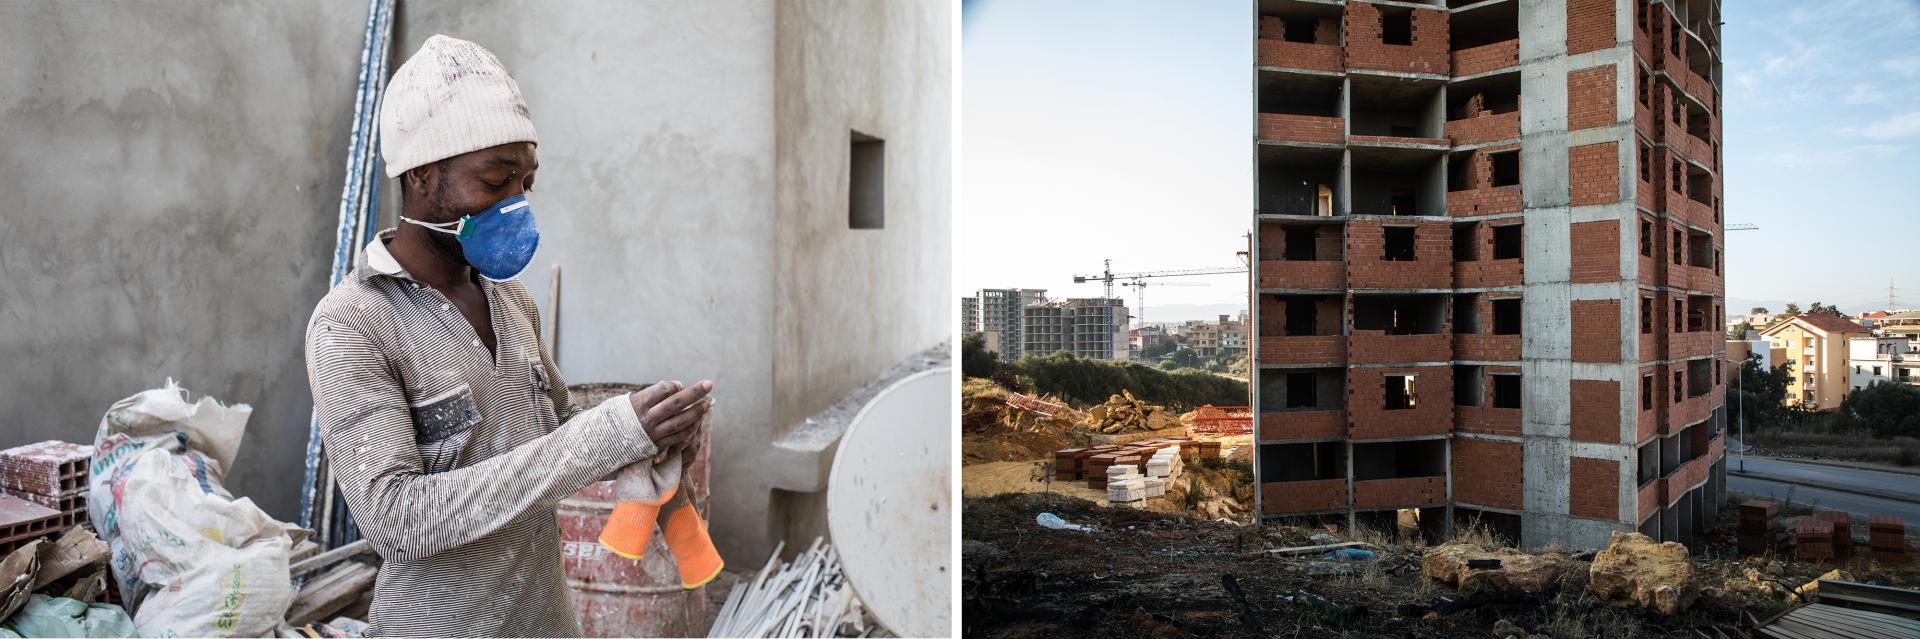 Draria, décembre 2017. Une nouvelle ville est en construction dans cette banlieue au sud-ouest d'Alger. Ici, la plupart des ouvriers sont, comme Rodrigue, des travailleurs journaliers, souvent des migrants en route pour l'Europe.